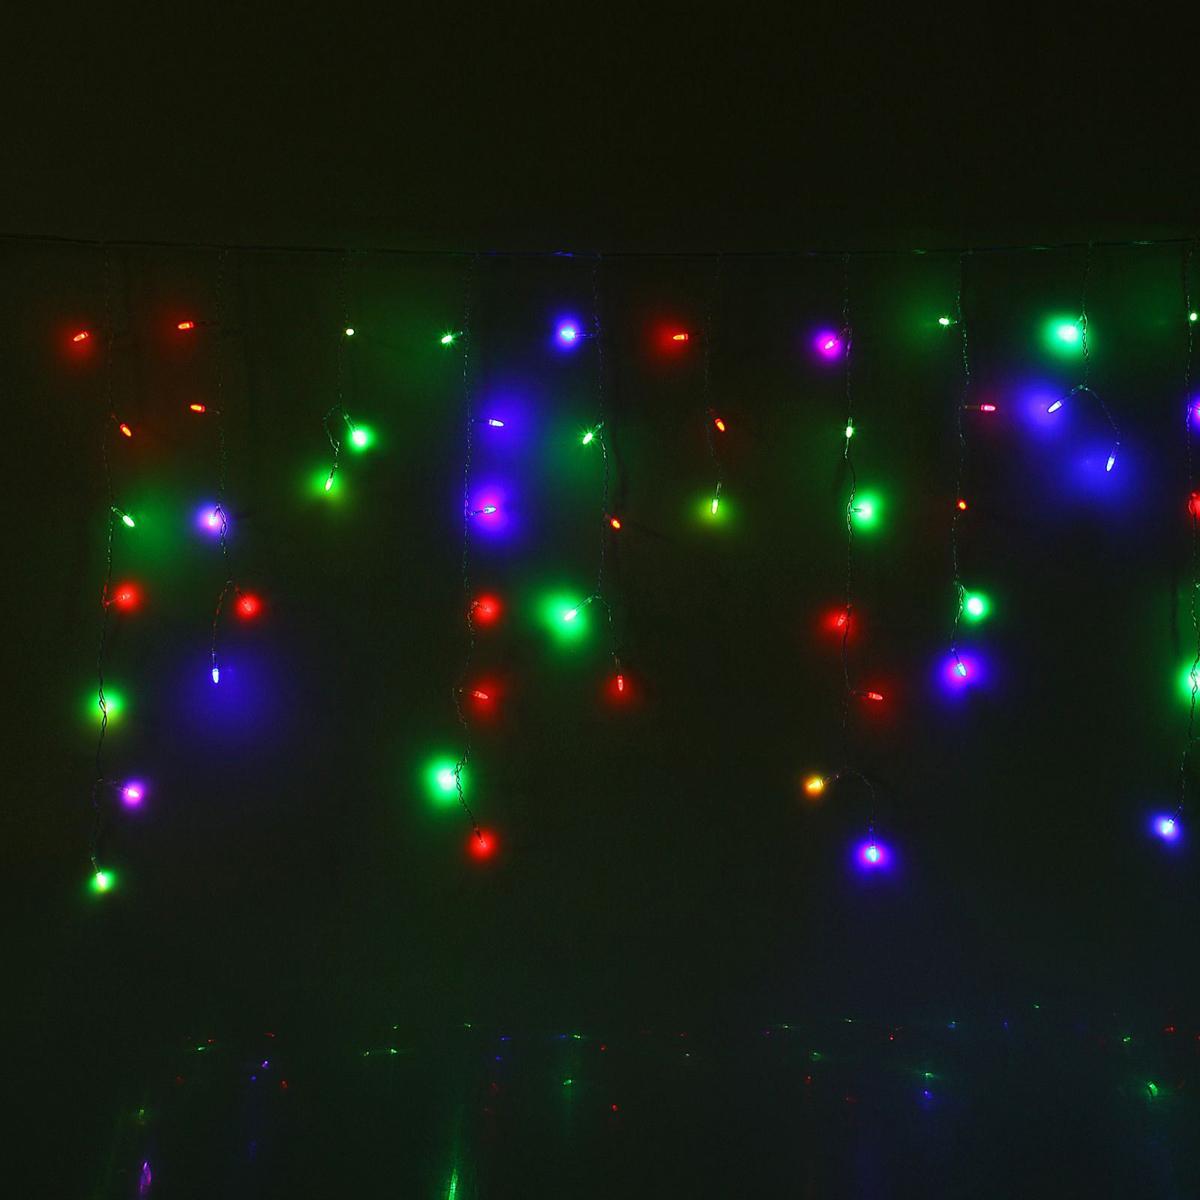 Гирлянда светодиодная Luazon Бахрома. Игла, моргает, 60 ламп, 220 V, цвет: мультиколор, 1,2 х 0,6 м. 10805371080537Светодиодные гирлянды, ленты и т.д — это отличный вариант для новогоднего оформления интерьера или фасада. С их помощью помещение любого размера можно превратить в праздничный зал, а внешние элементы зданий, украшенные ими, мгновенно станут напоминать очертания сказочного дворца. Такие украшения создают ауру предвкушения чуда. Деревья, фасады, витрины, окна и арки будто специально созданы, чтобы вы украсили их светящимися нитями.